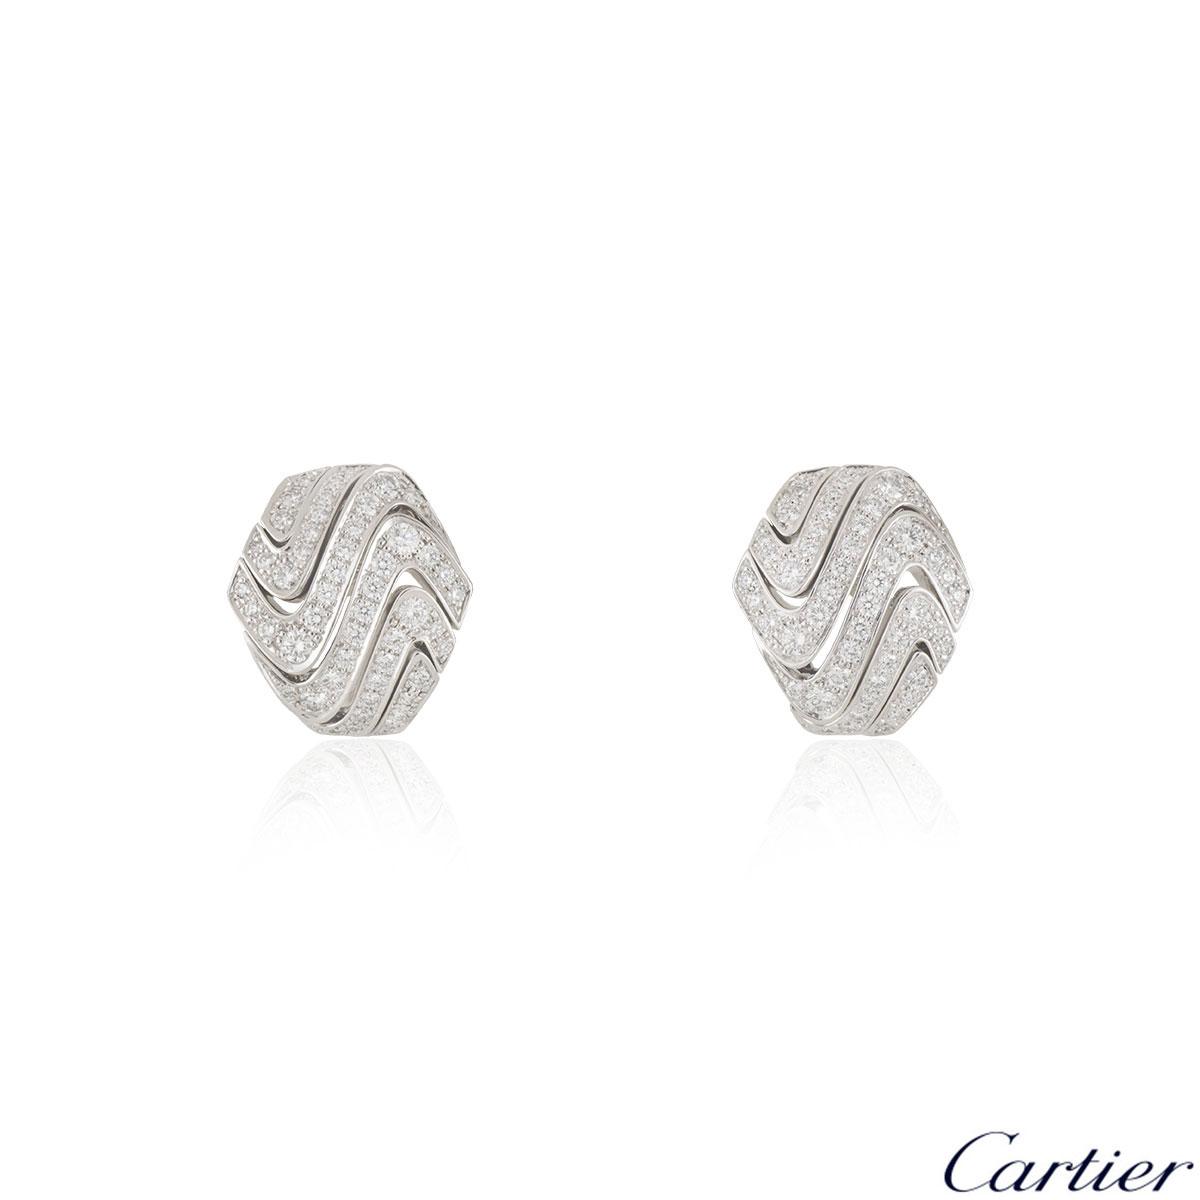 Cartier White Gold Diamond Earrings 1.74ct F+/VS+